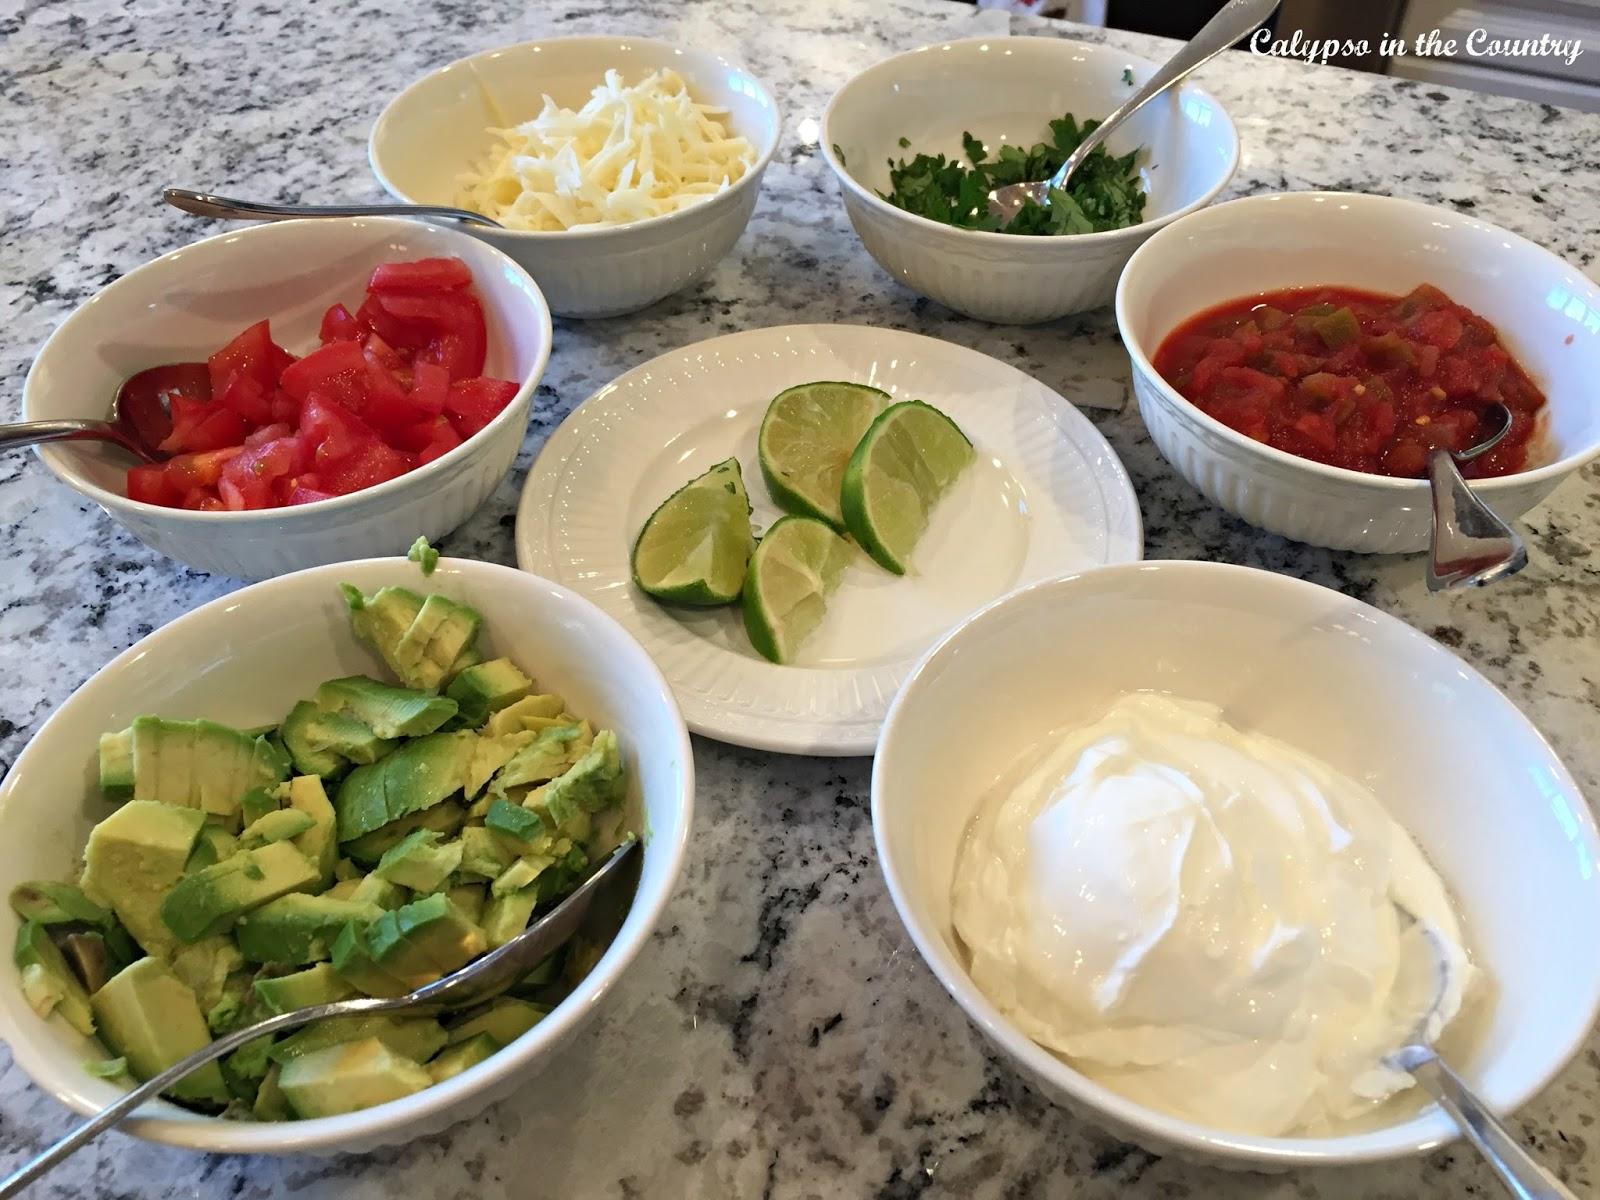 Burrito Toppings